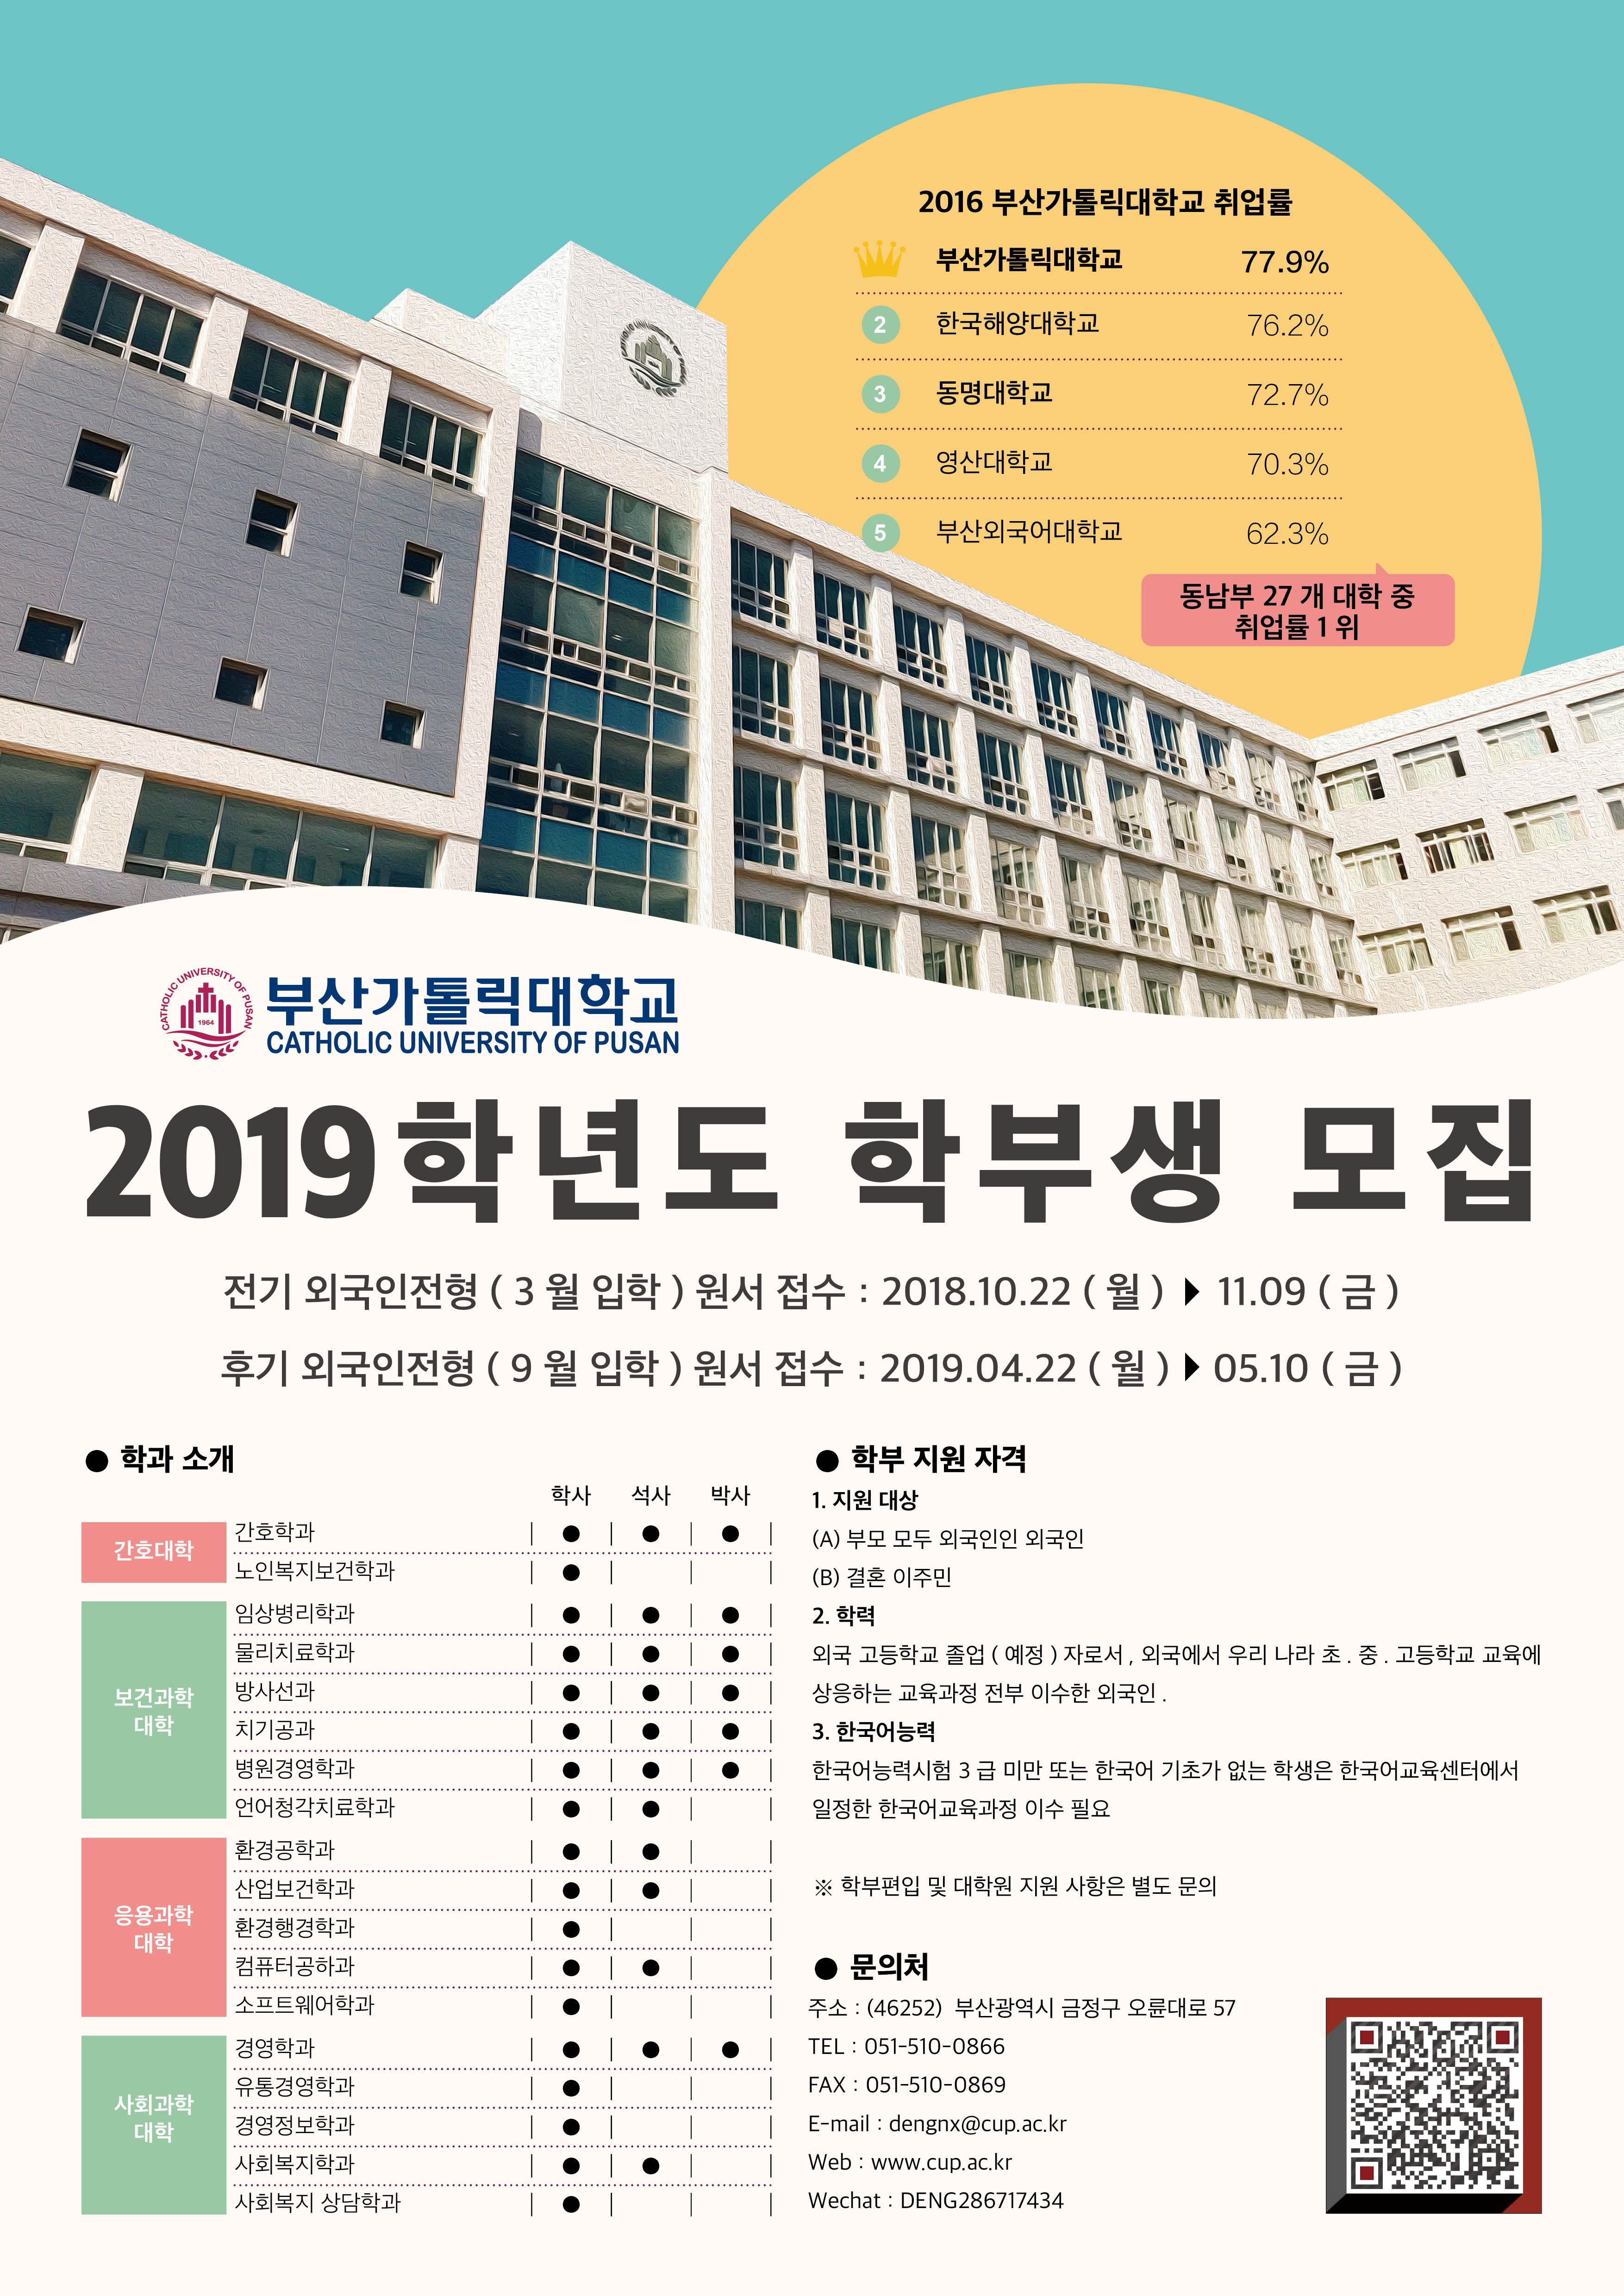 2019학년도 학부생 모집 - 한국어.jpg